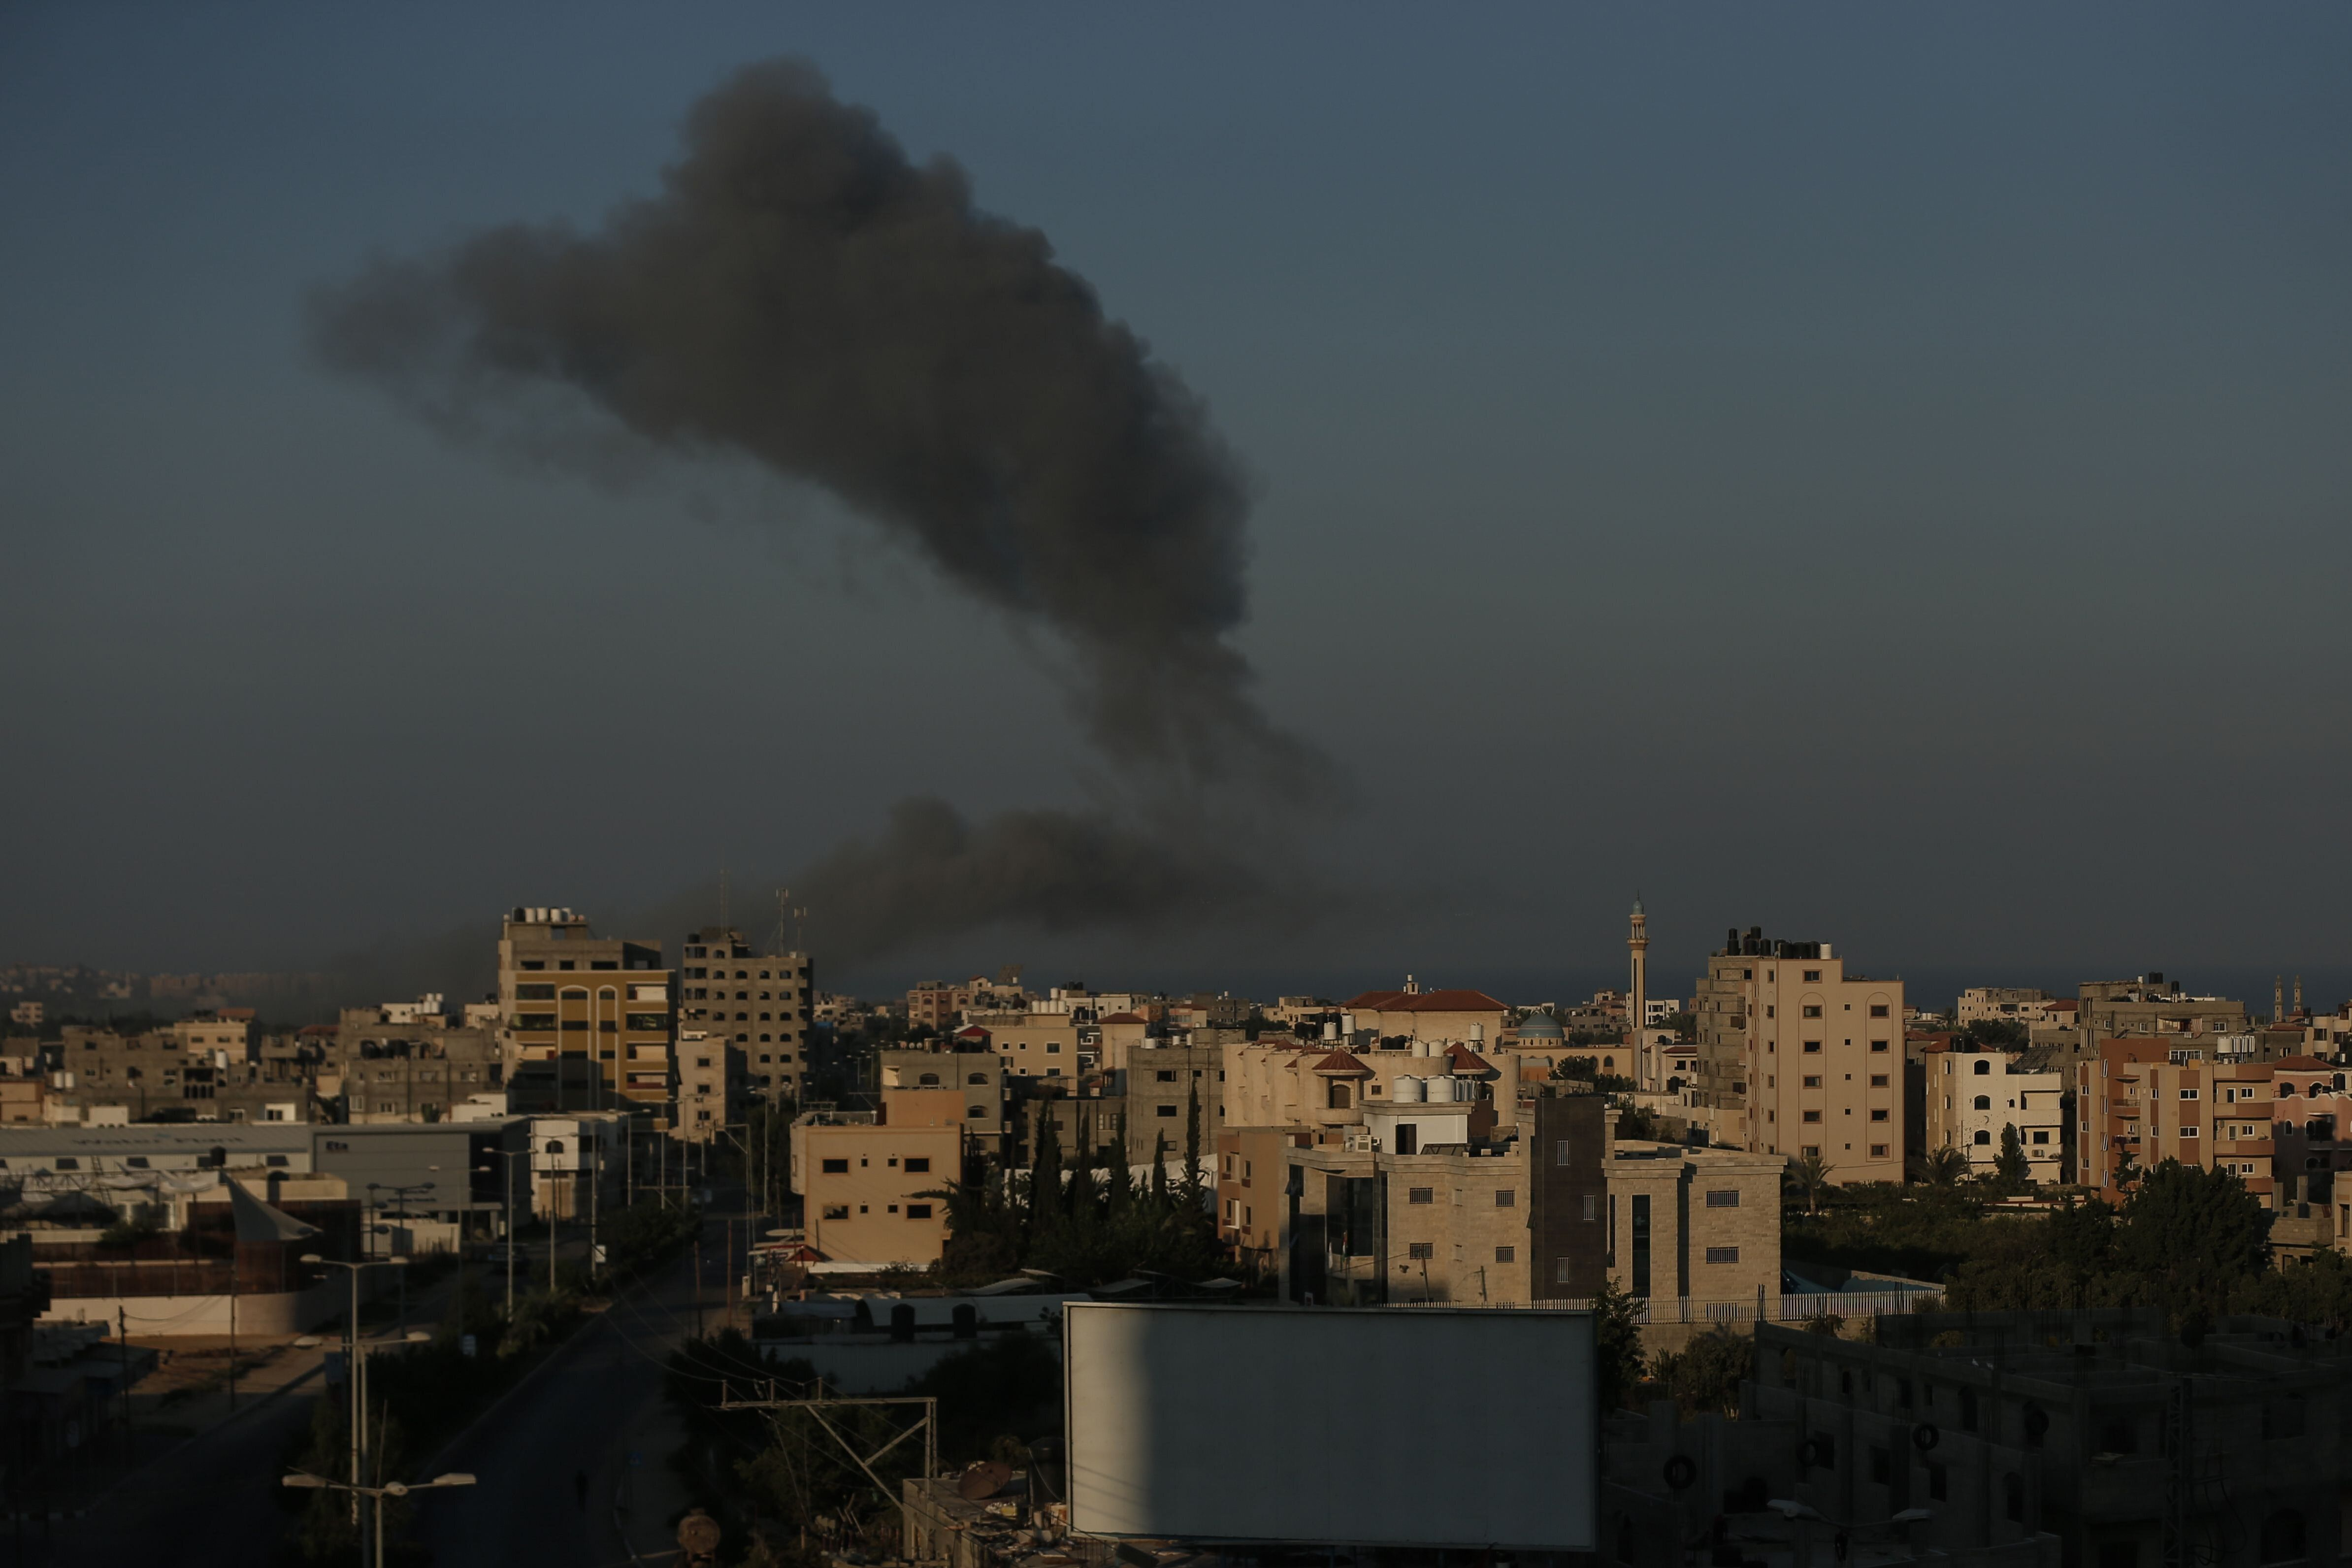 Le 28 août, de la fumée plane au-dessus de Gaza après des tirs israéliens....